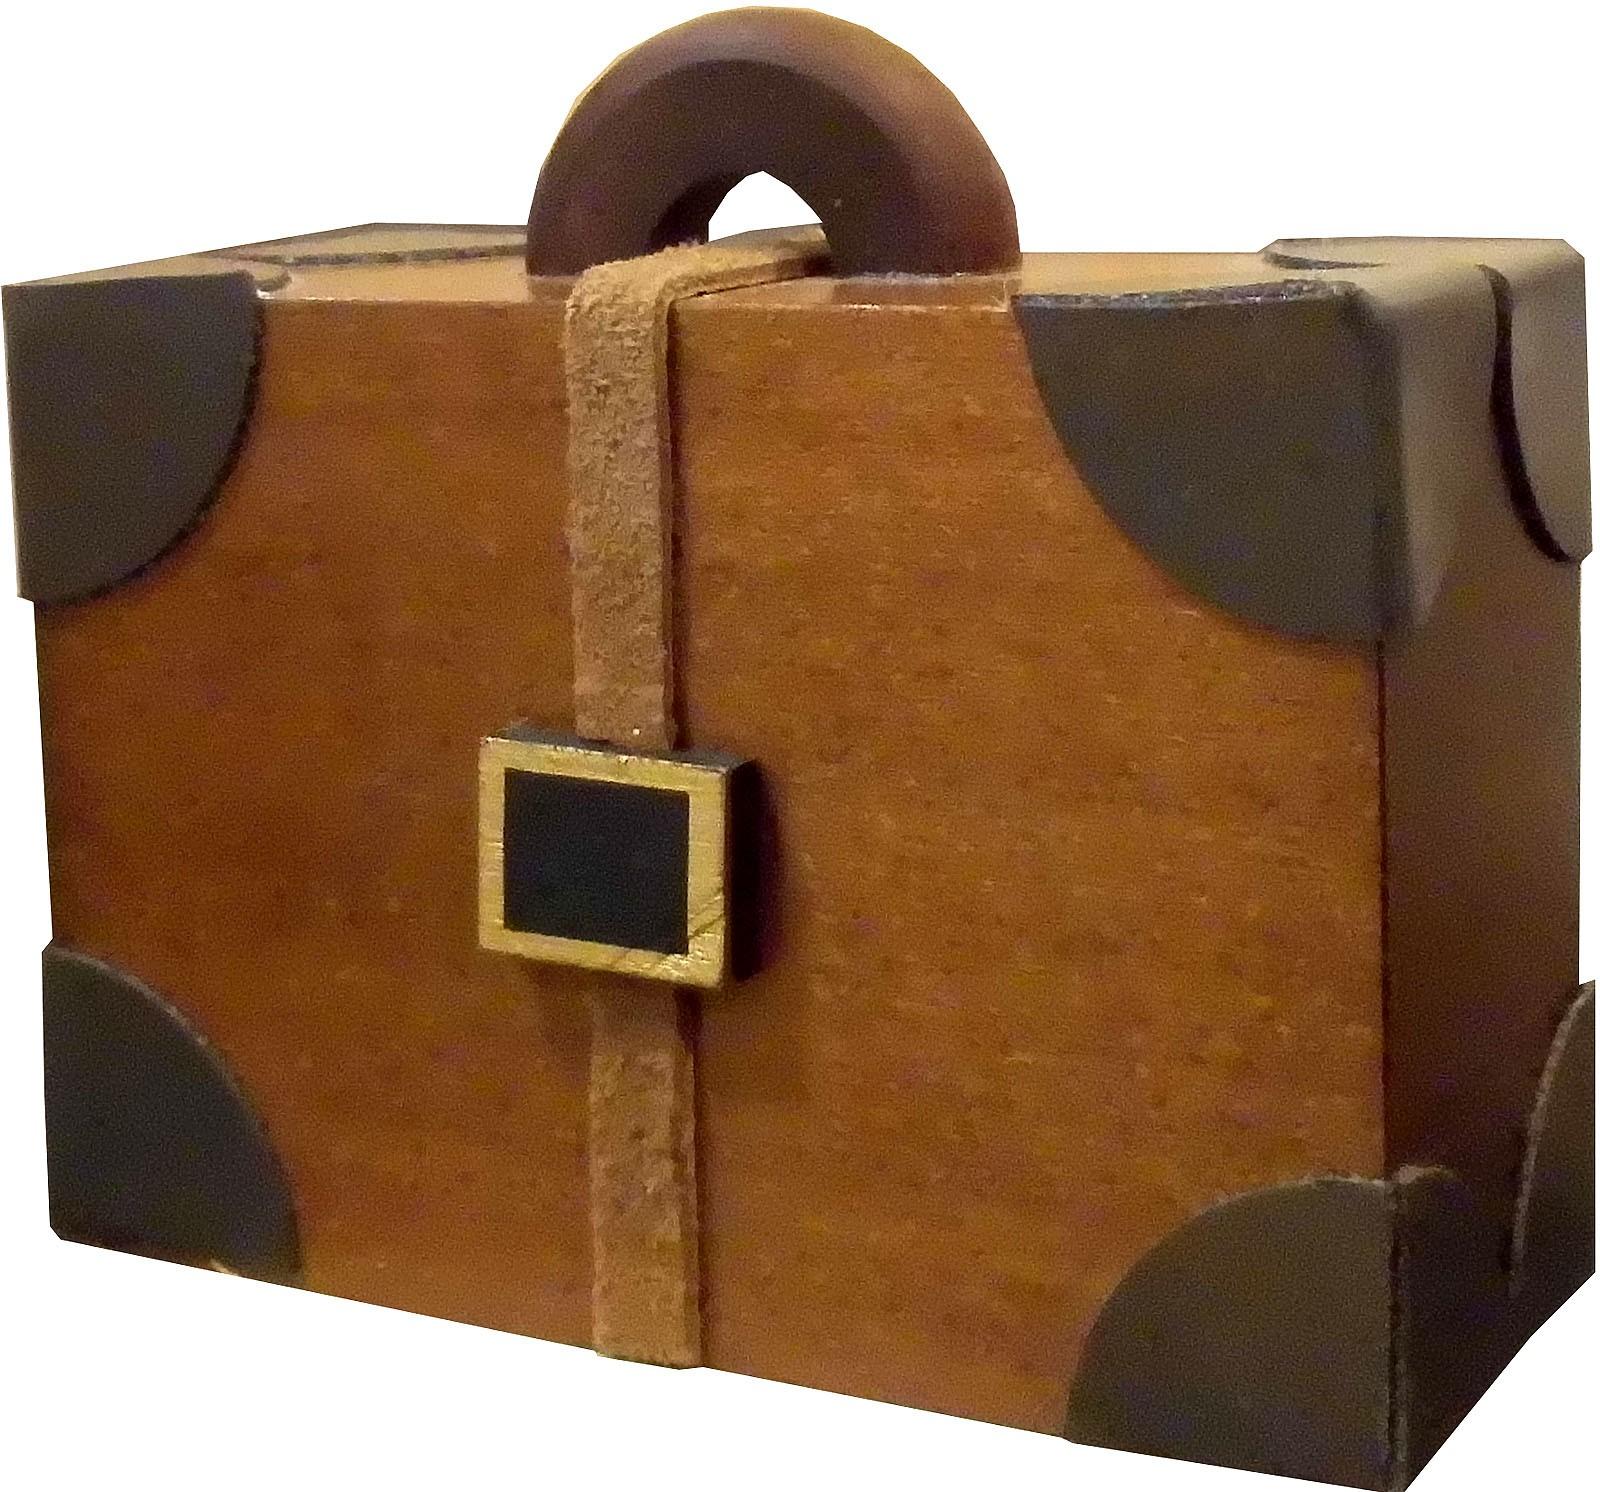 Komponenten für Kantenhockereisenbahn - Koffer, groß